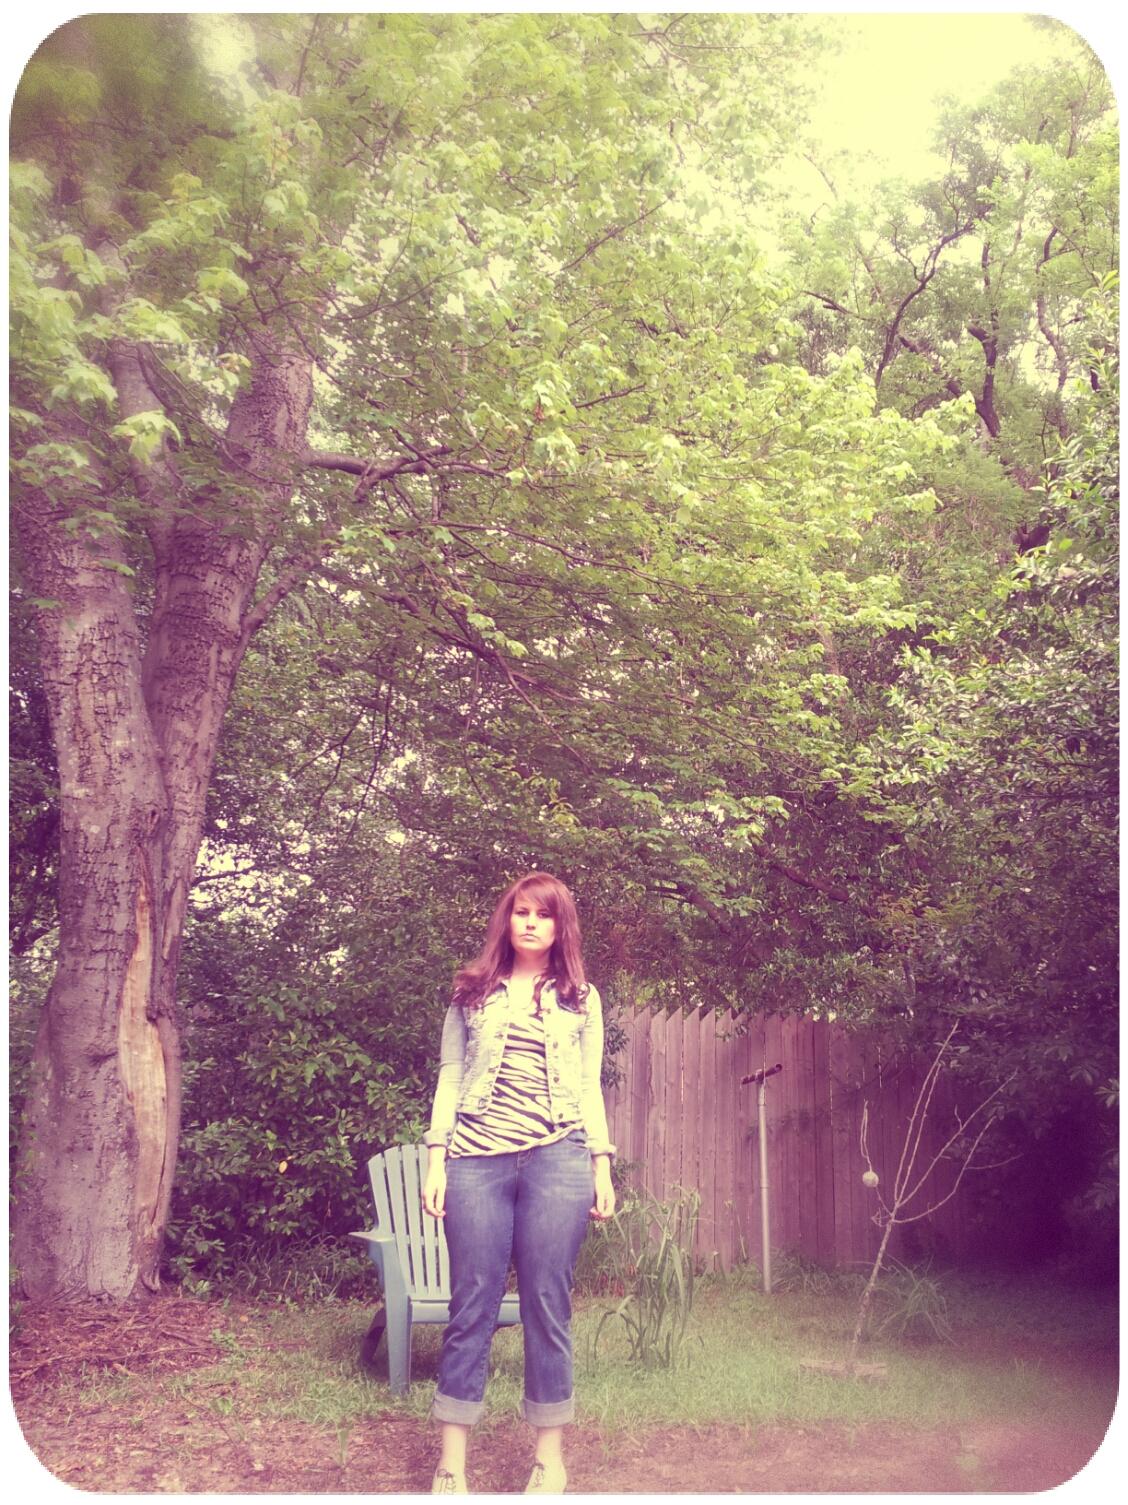 2012-04-05 17.09.16_Melissa_Round.jpg